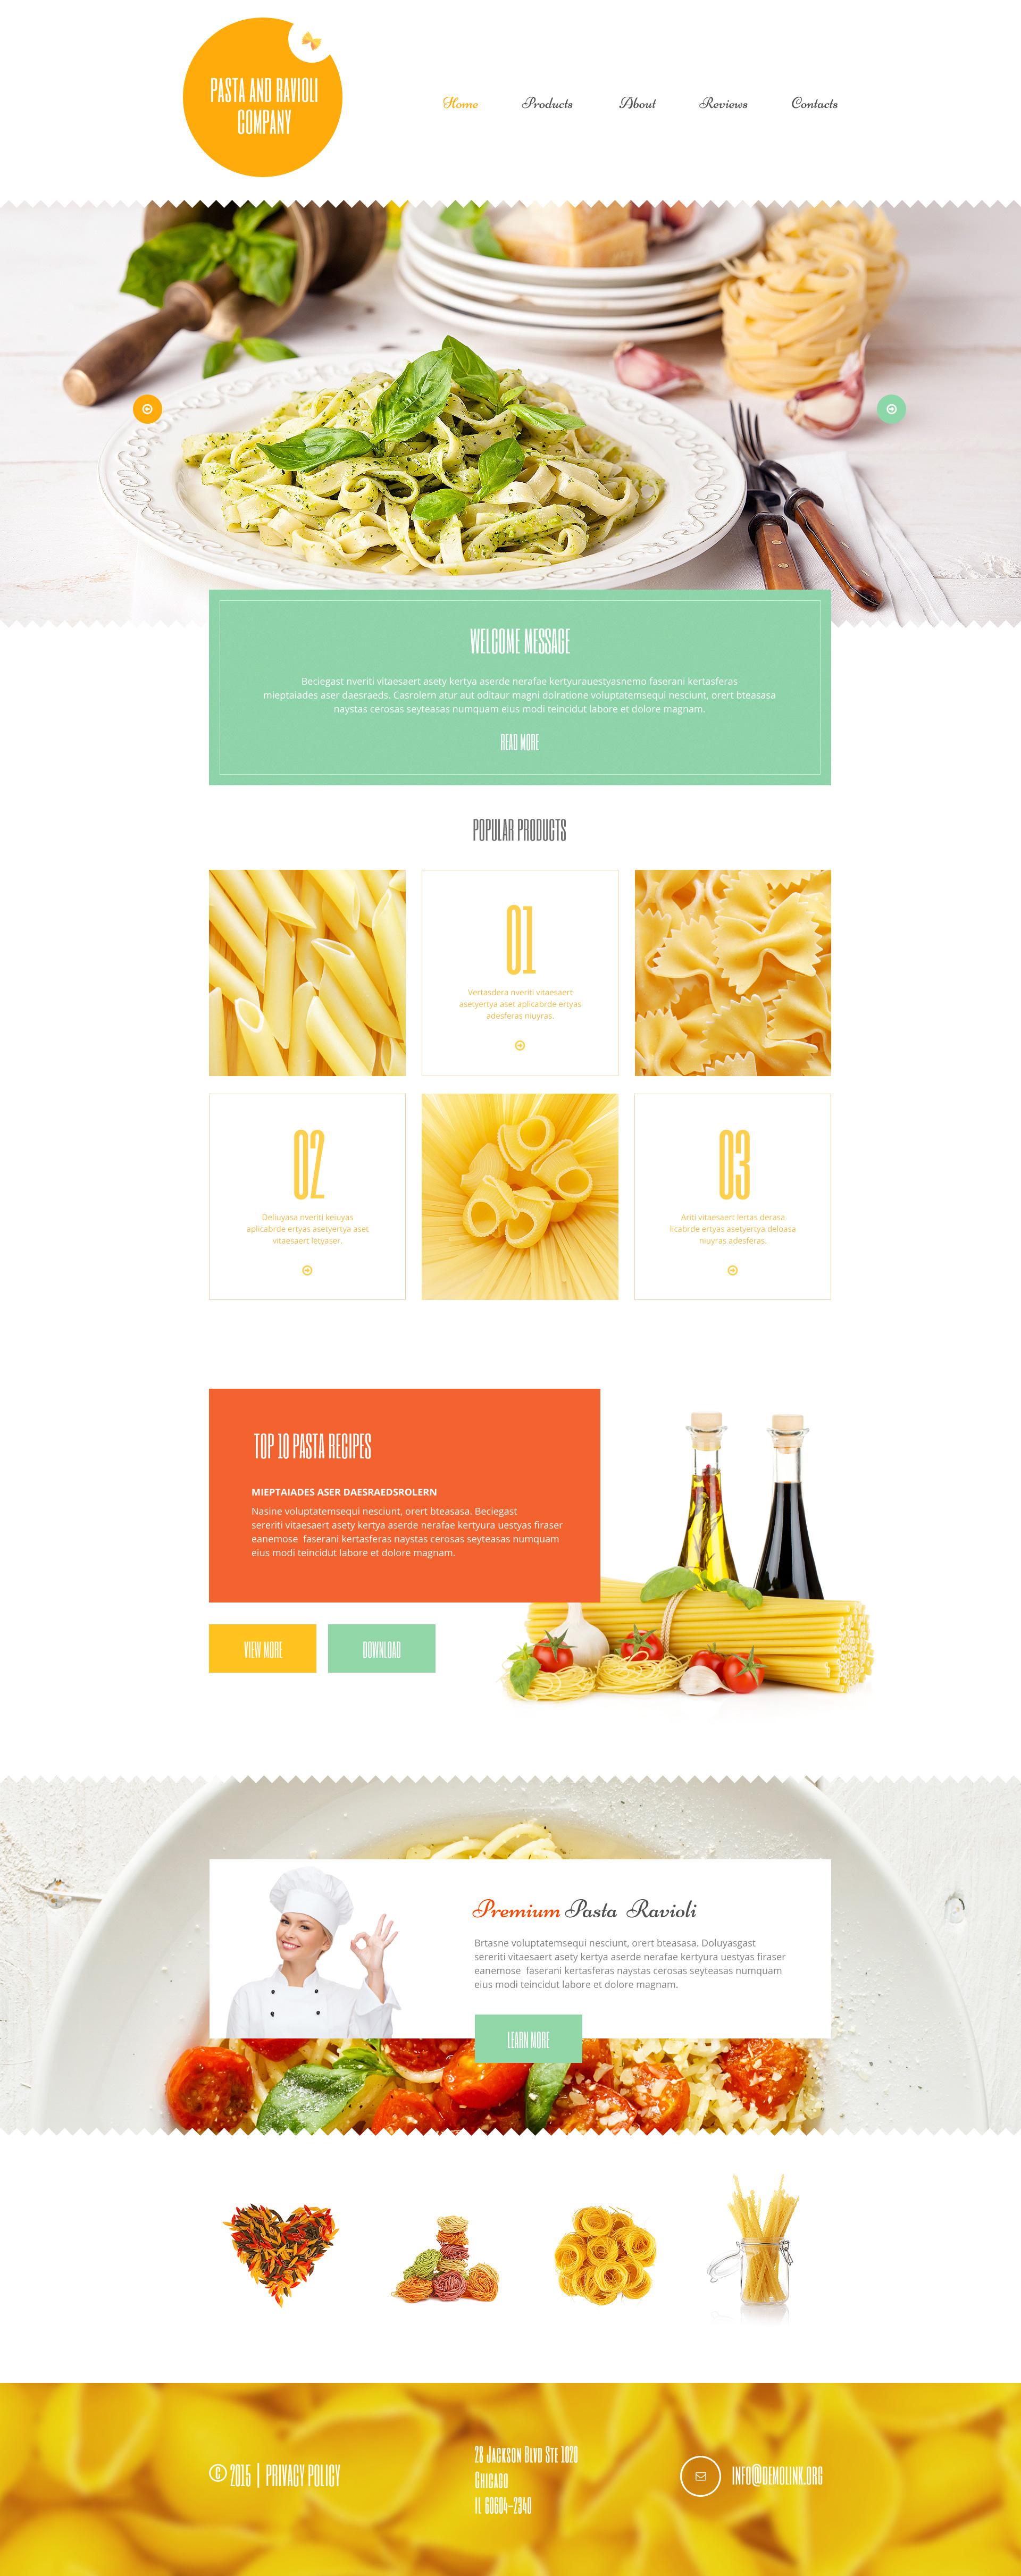 Responsywny motyw WordPress Pasta and Ravioli Company #55187 - zrzut ekranu